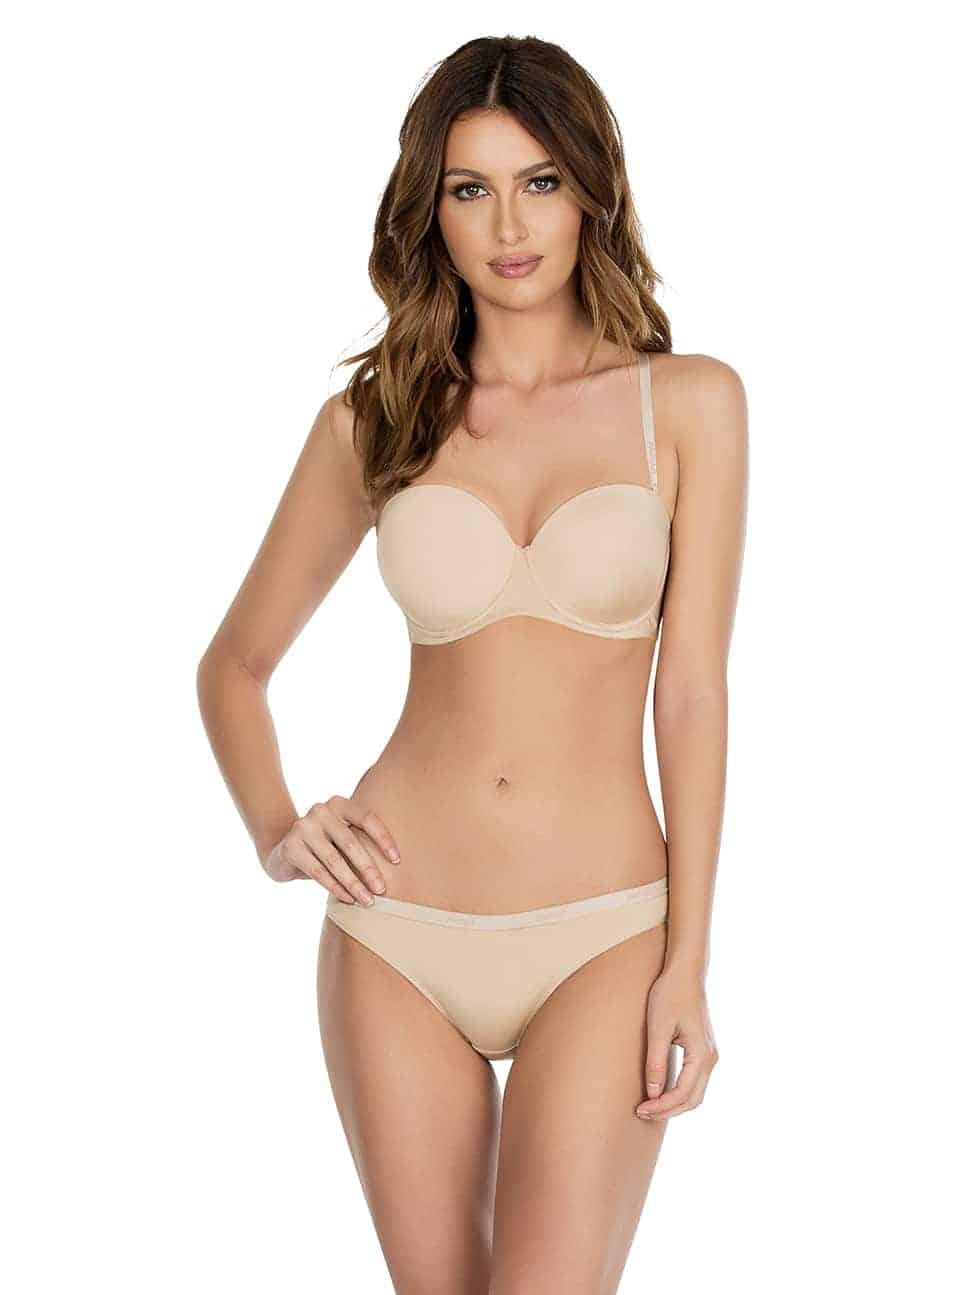 Lynn P13112 P13013 2 - Lynn Push-up Strapless Bra - European Nude - P13112